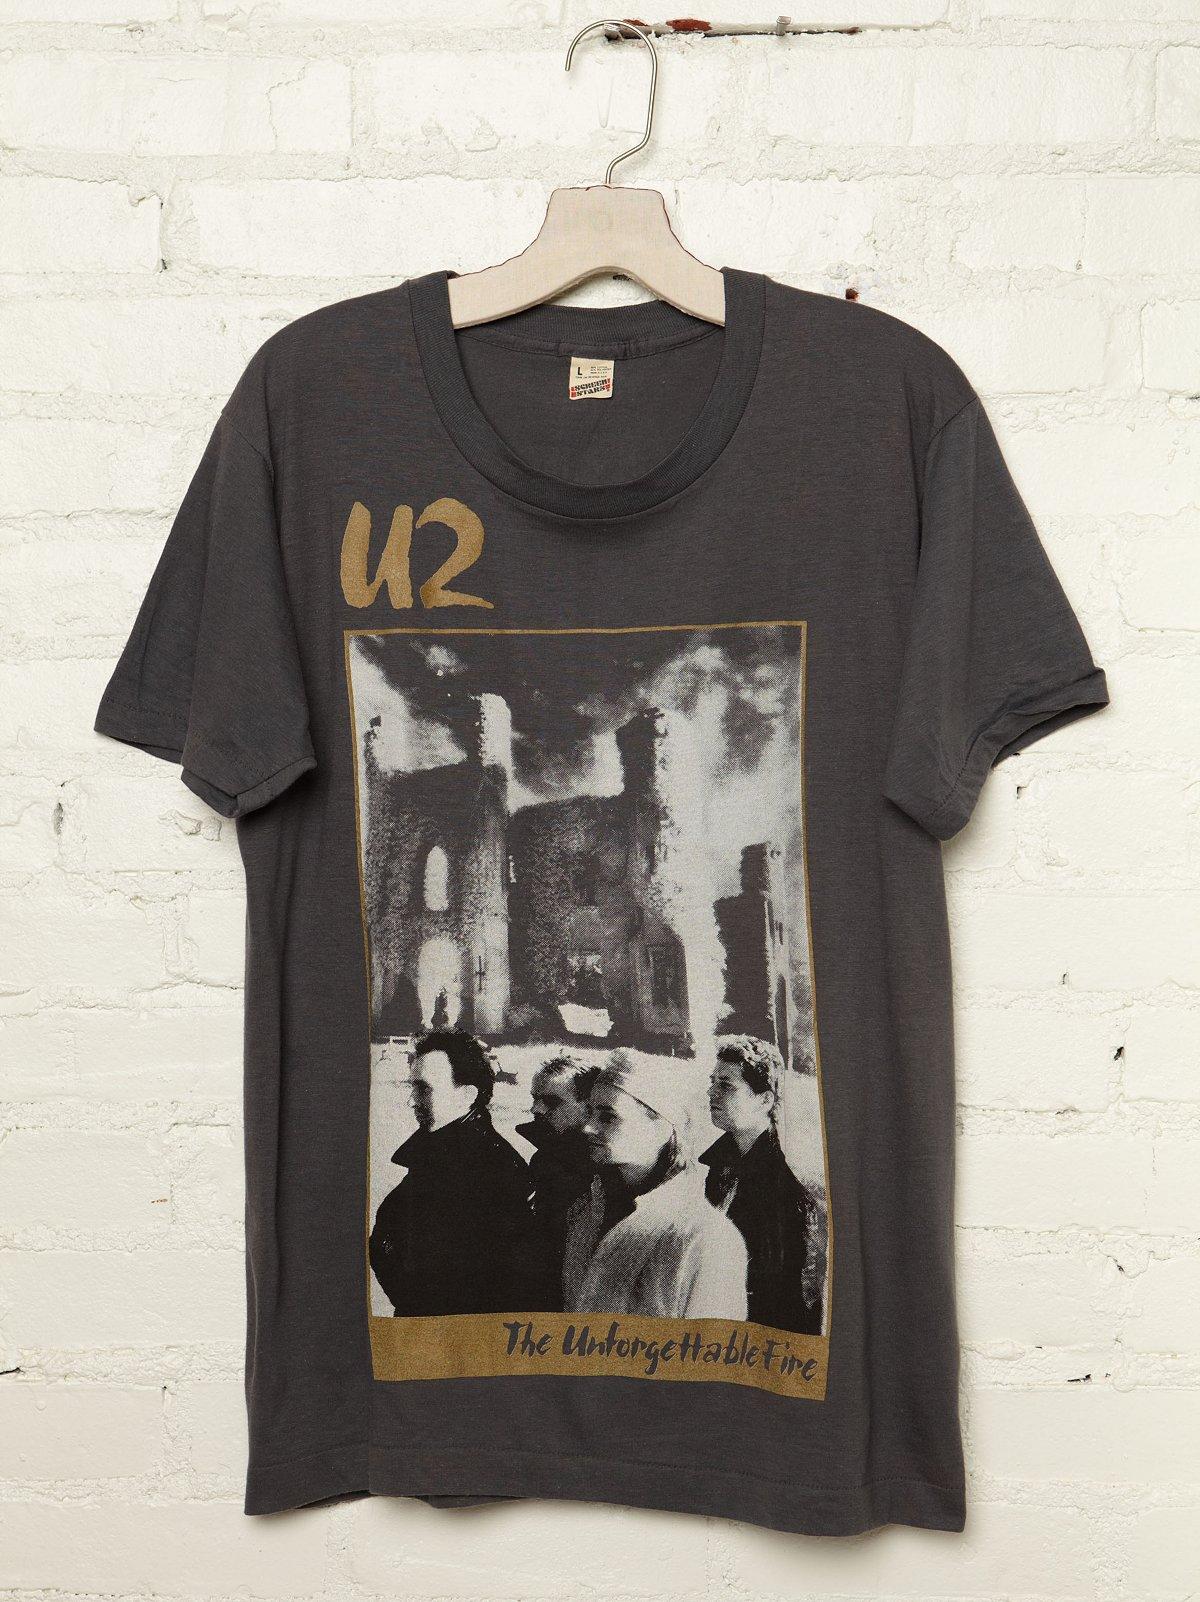 Vintage U2